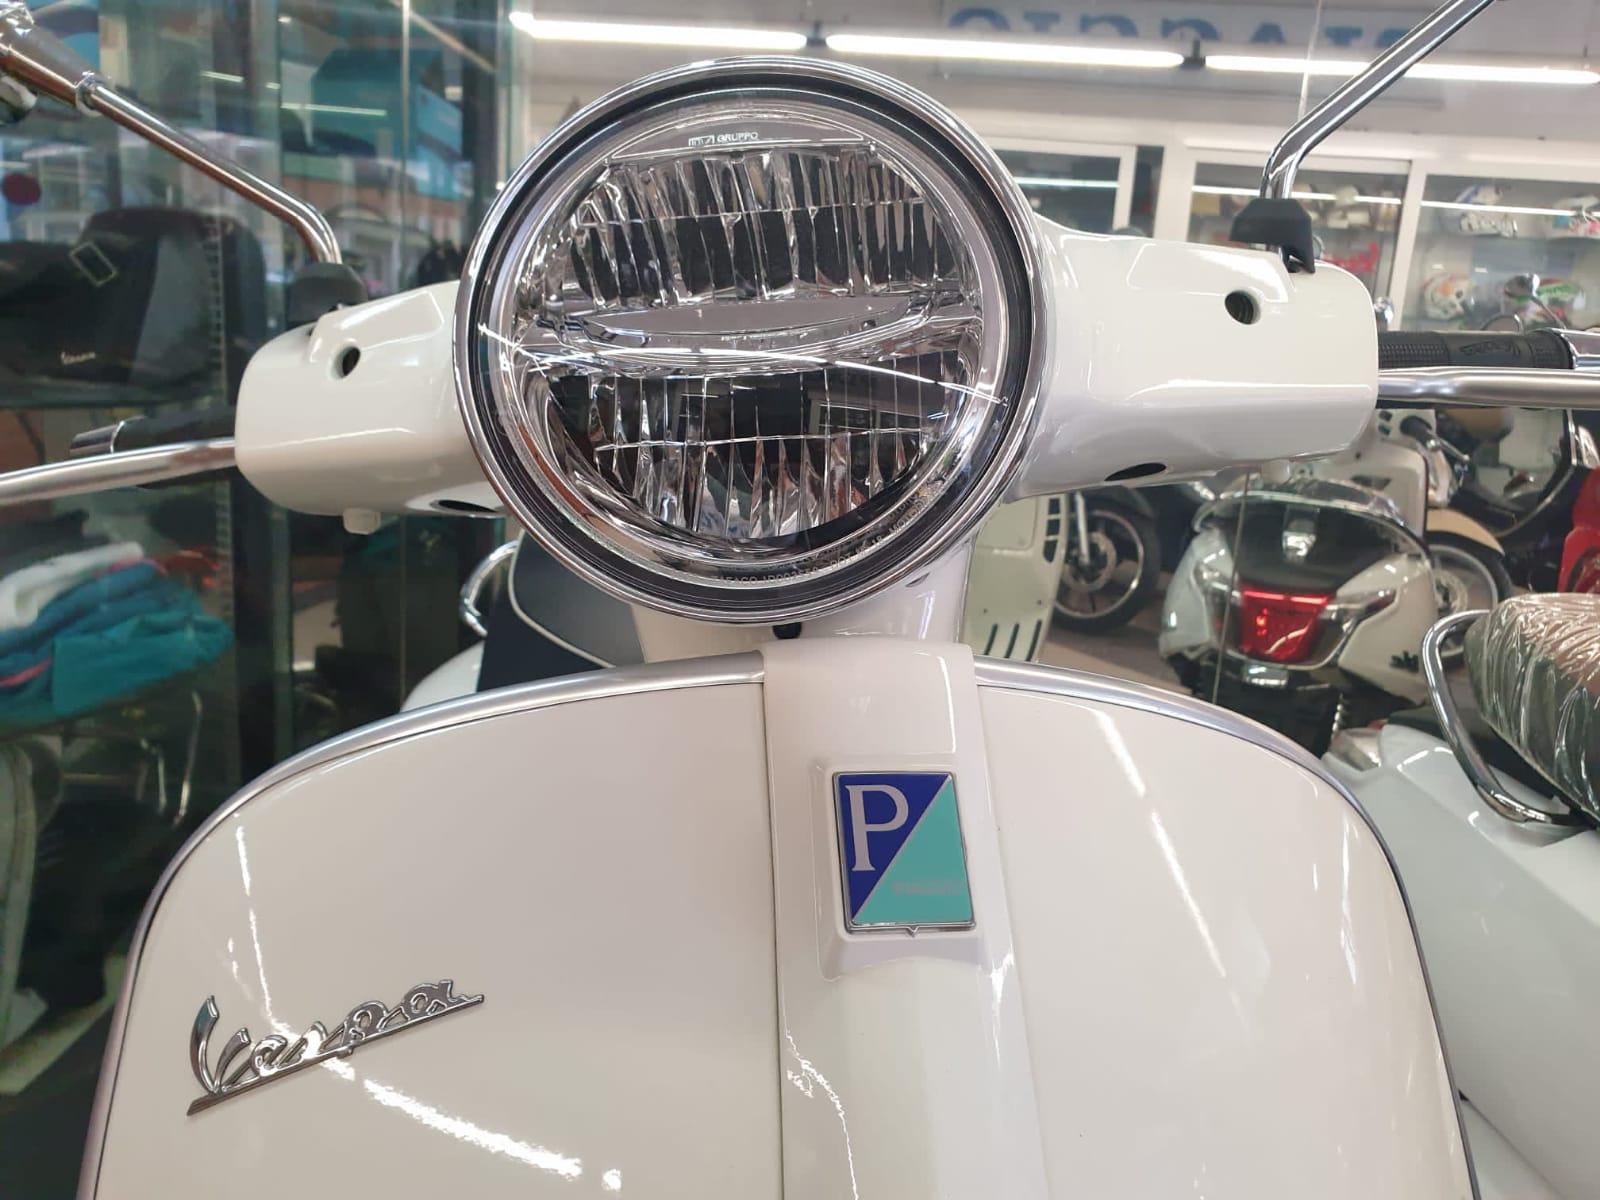 Vendita Accessori scooter e moto Ventimiglia Imperia